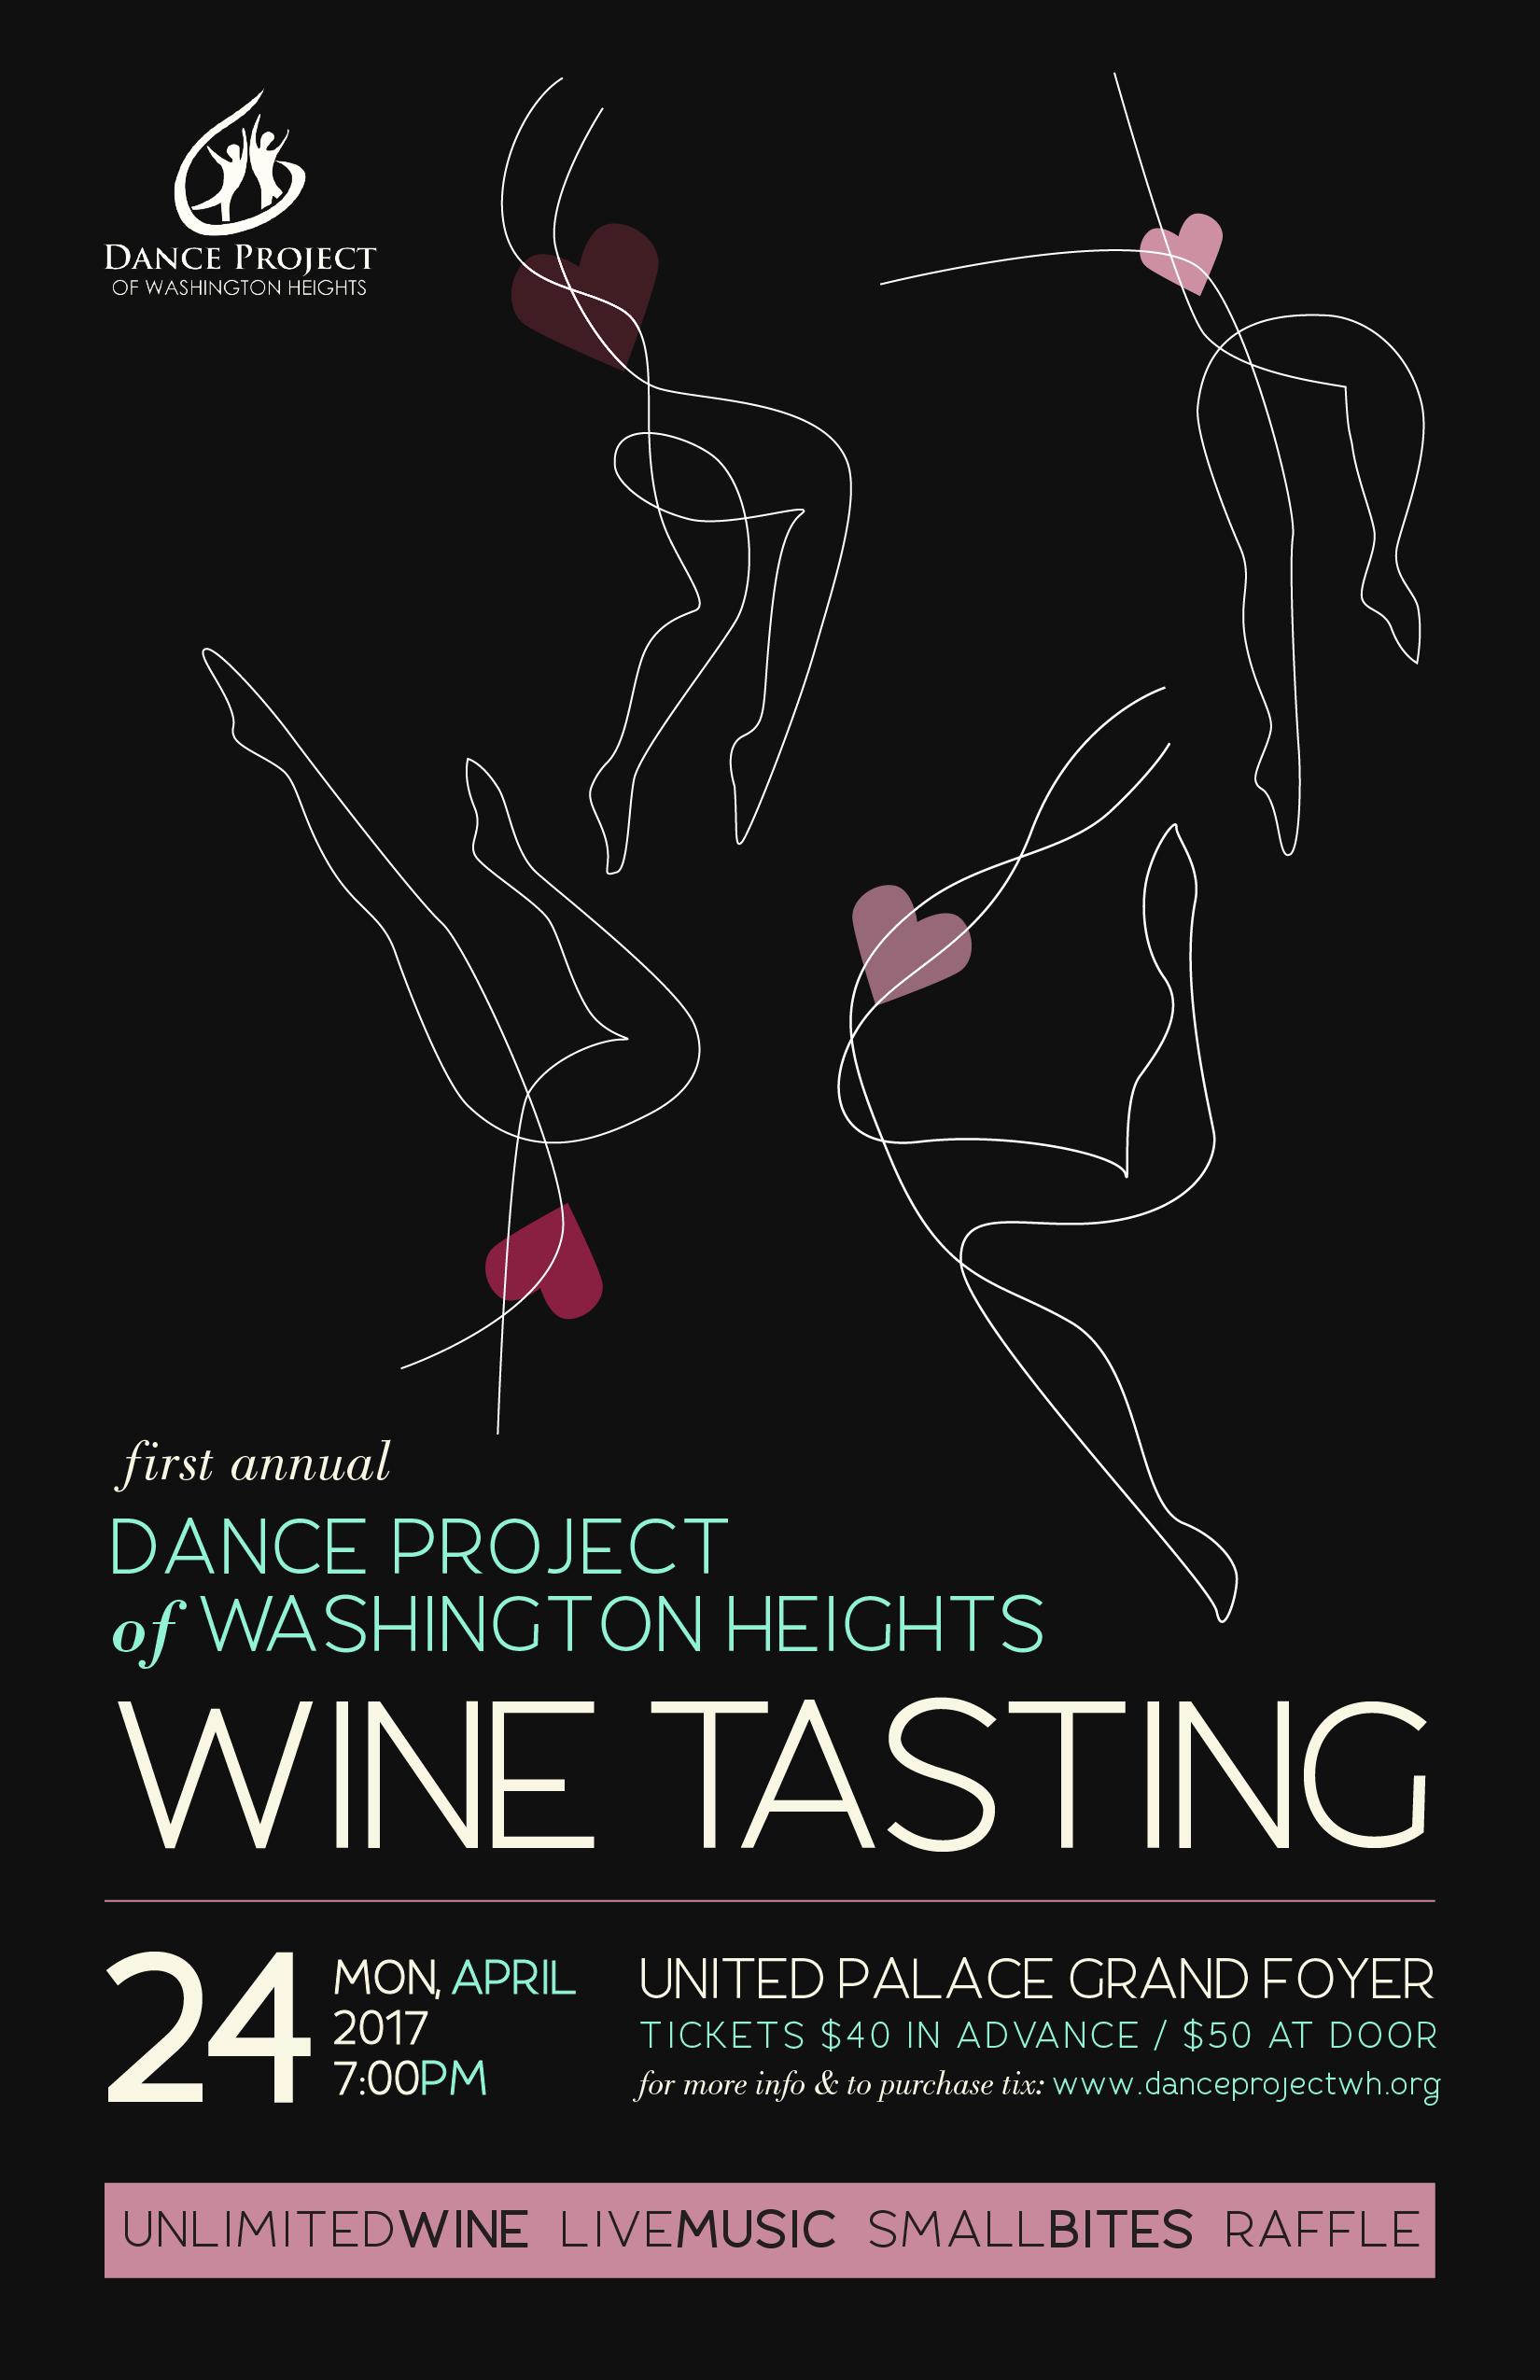 Wine Tasting Flier